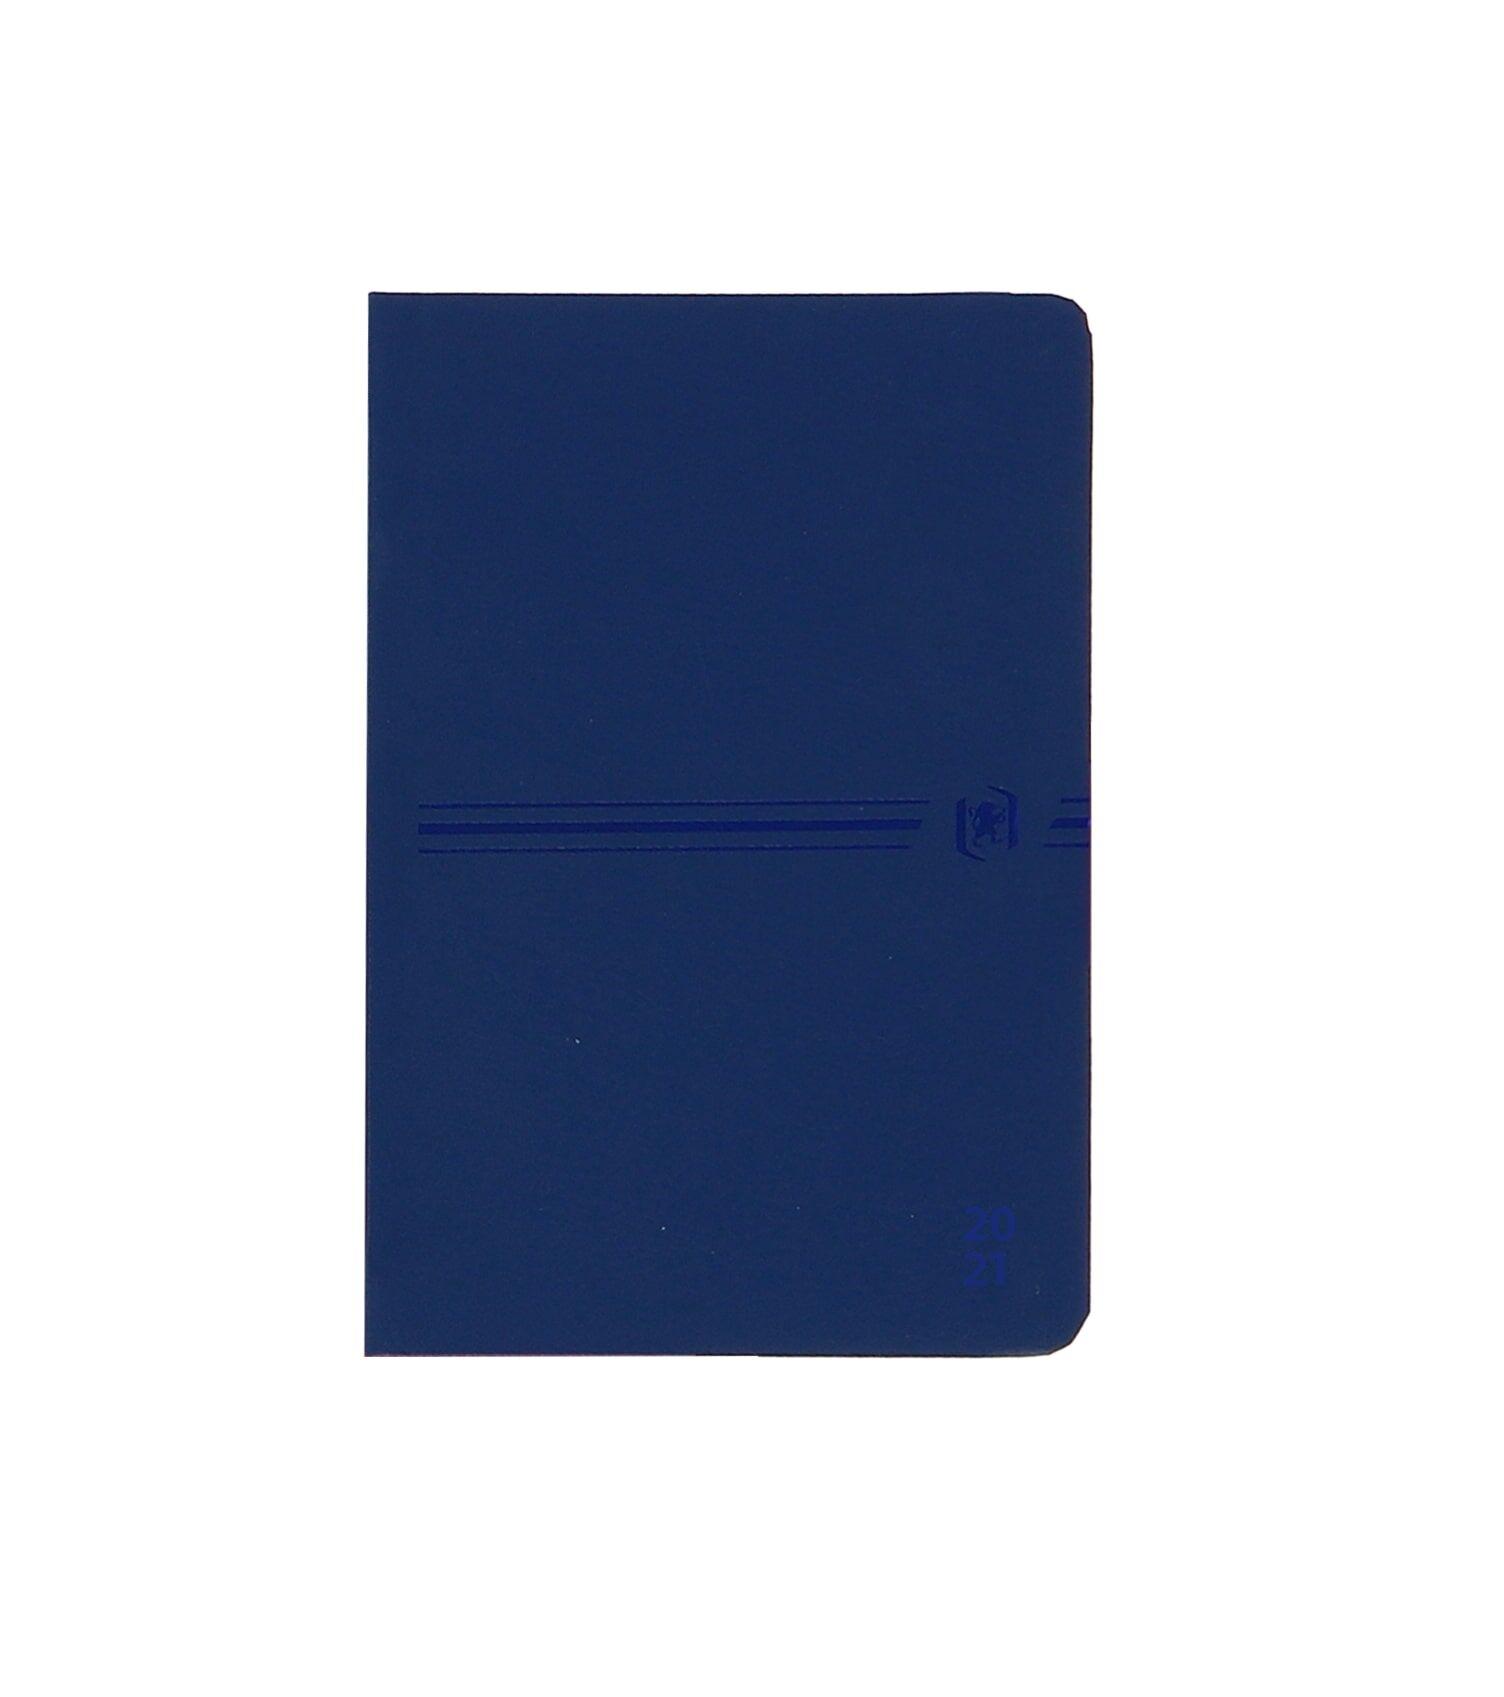 Agenda Oxford Active  - 1 Jour par page - 12 x 18 cm - différentes couleurs disponibles - Hamelin